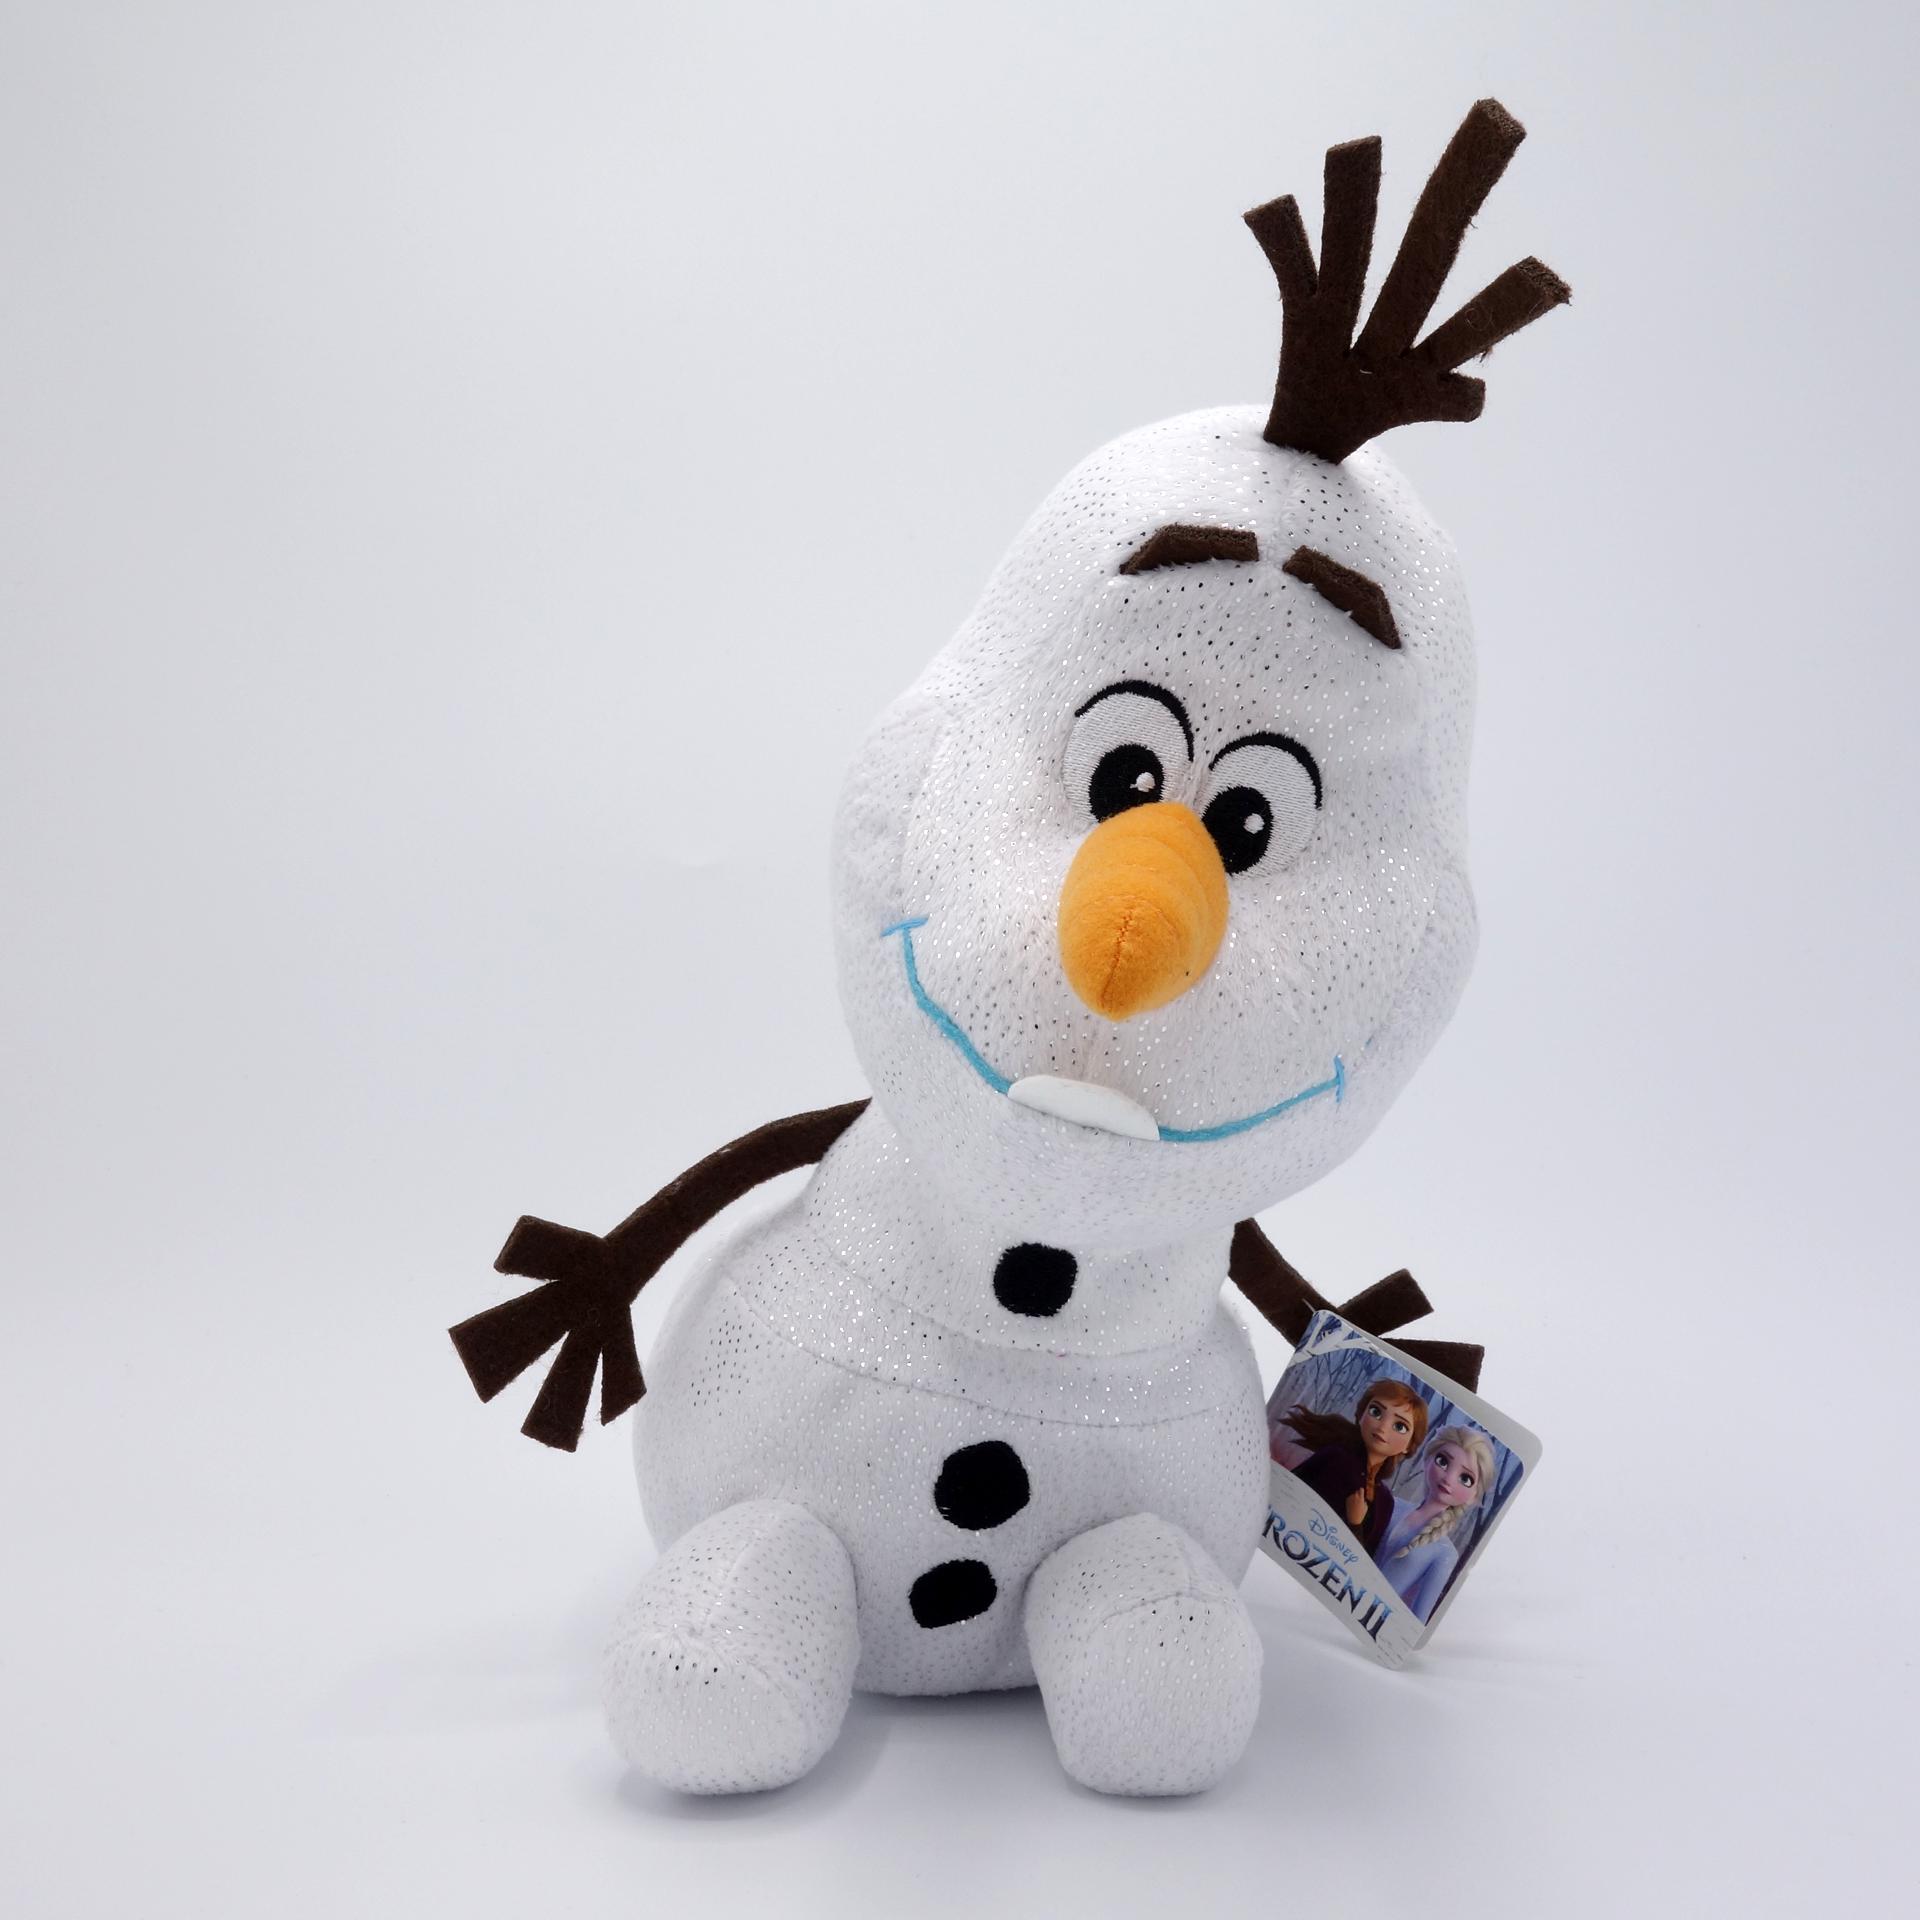 Disney Frozen Die Eiskönigin Olaf Plüsch Figur